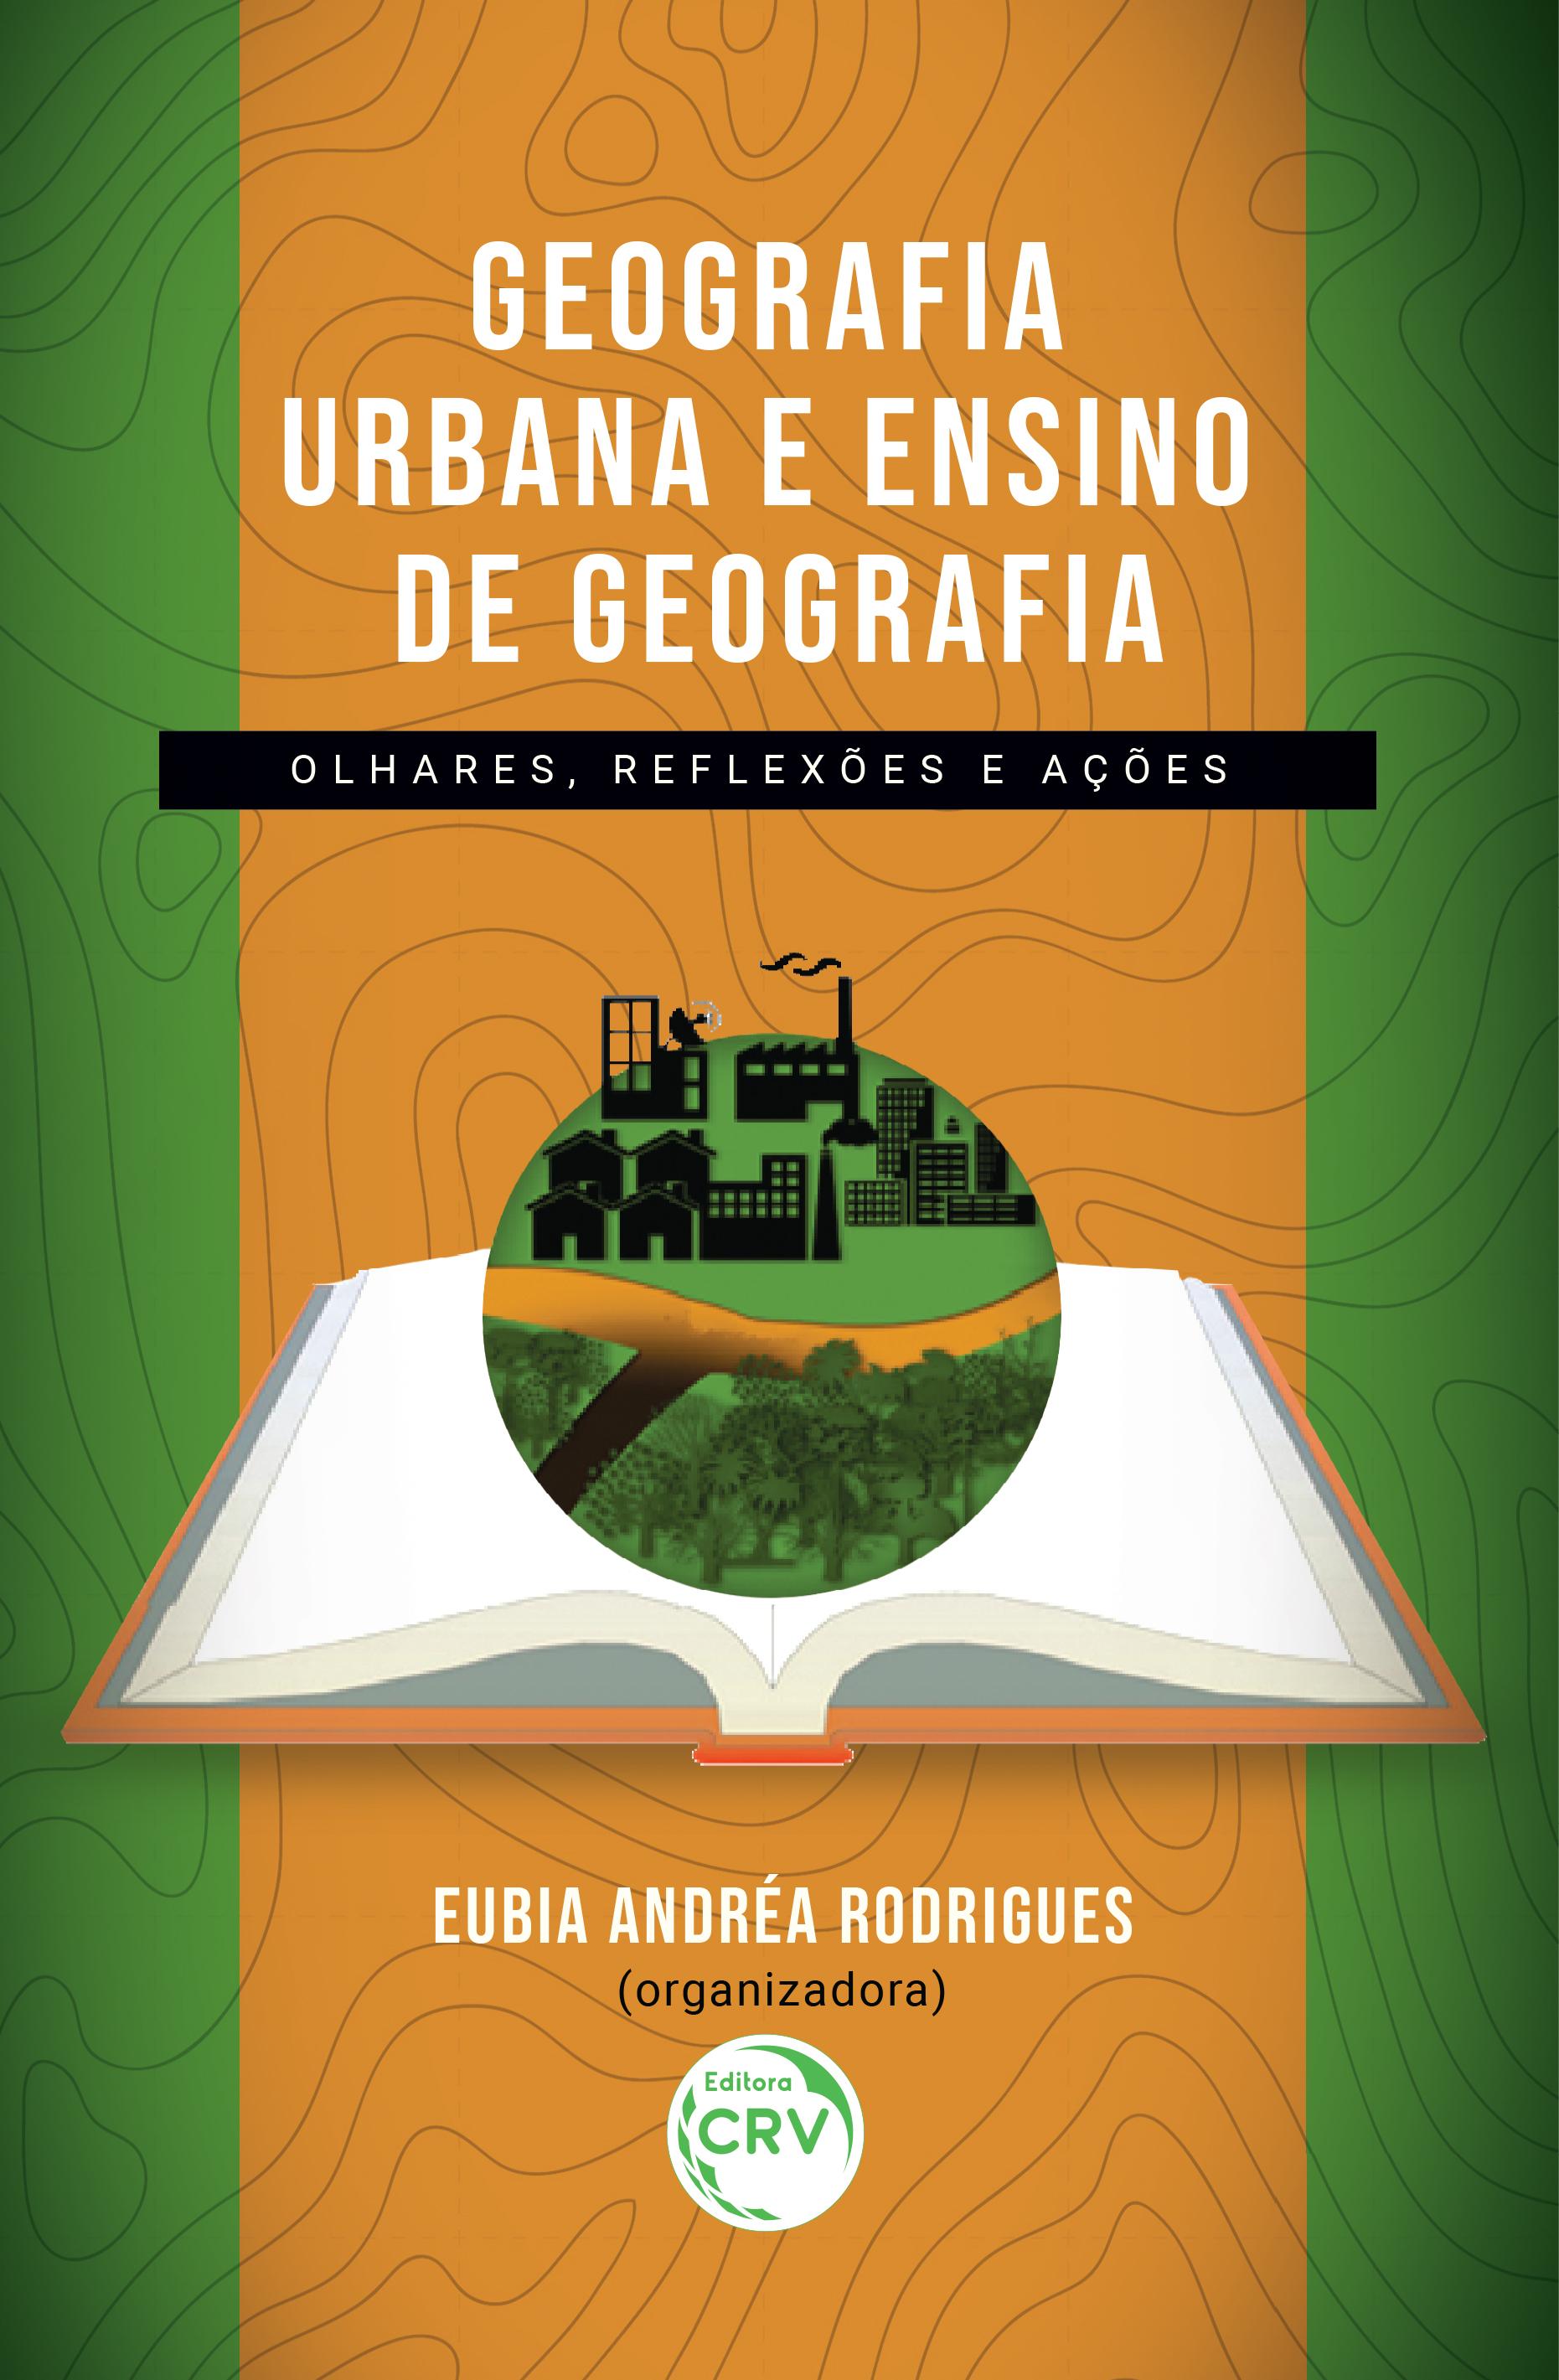 Capa do livro: GEOGRAFIA URBANA E ENSINO DE GEOGRAFIA: olhares, reflexões e ações